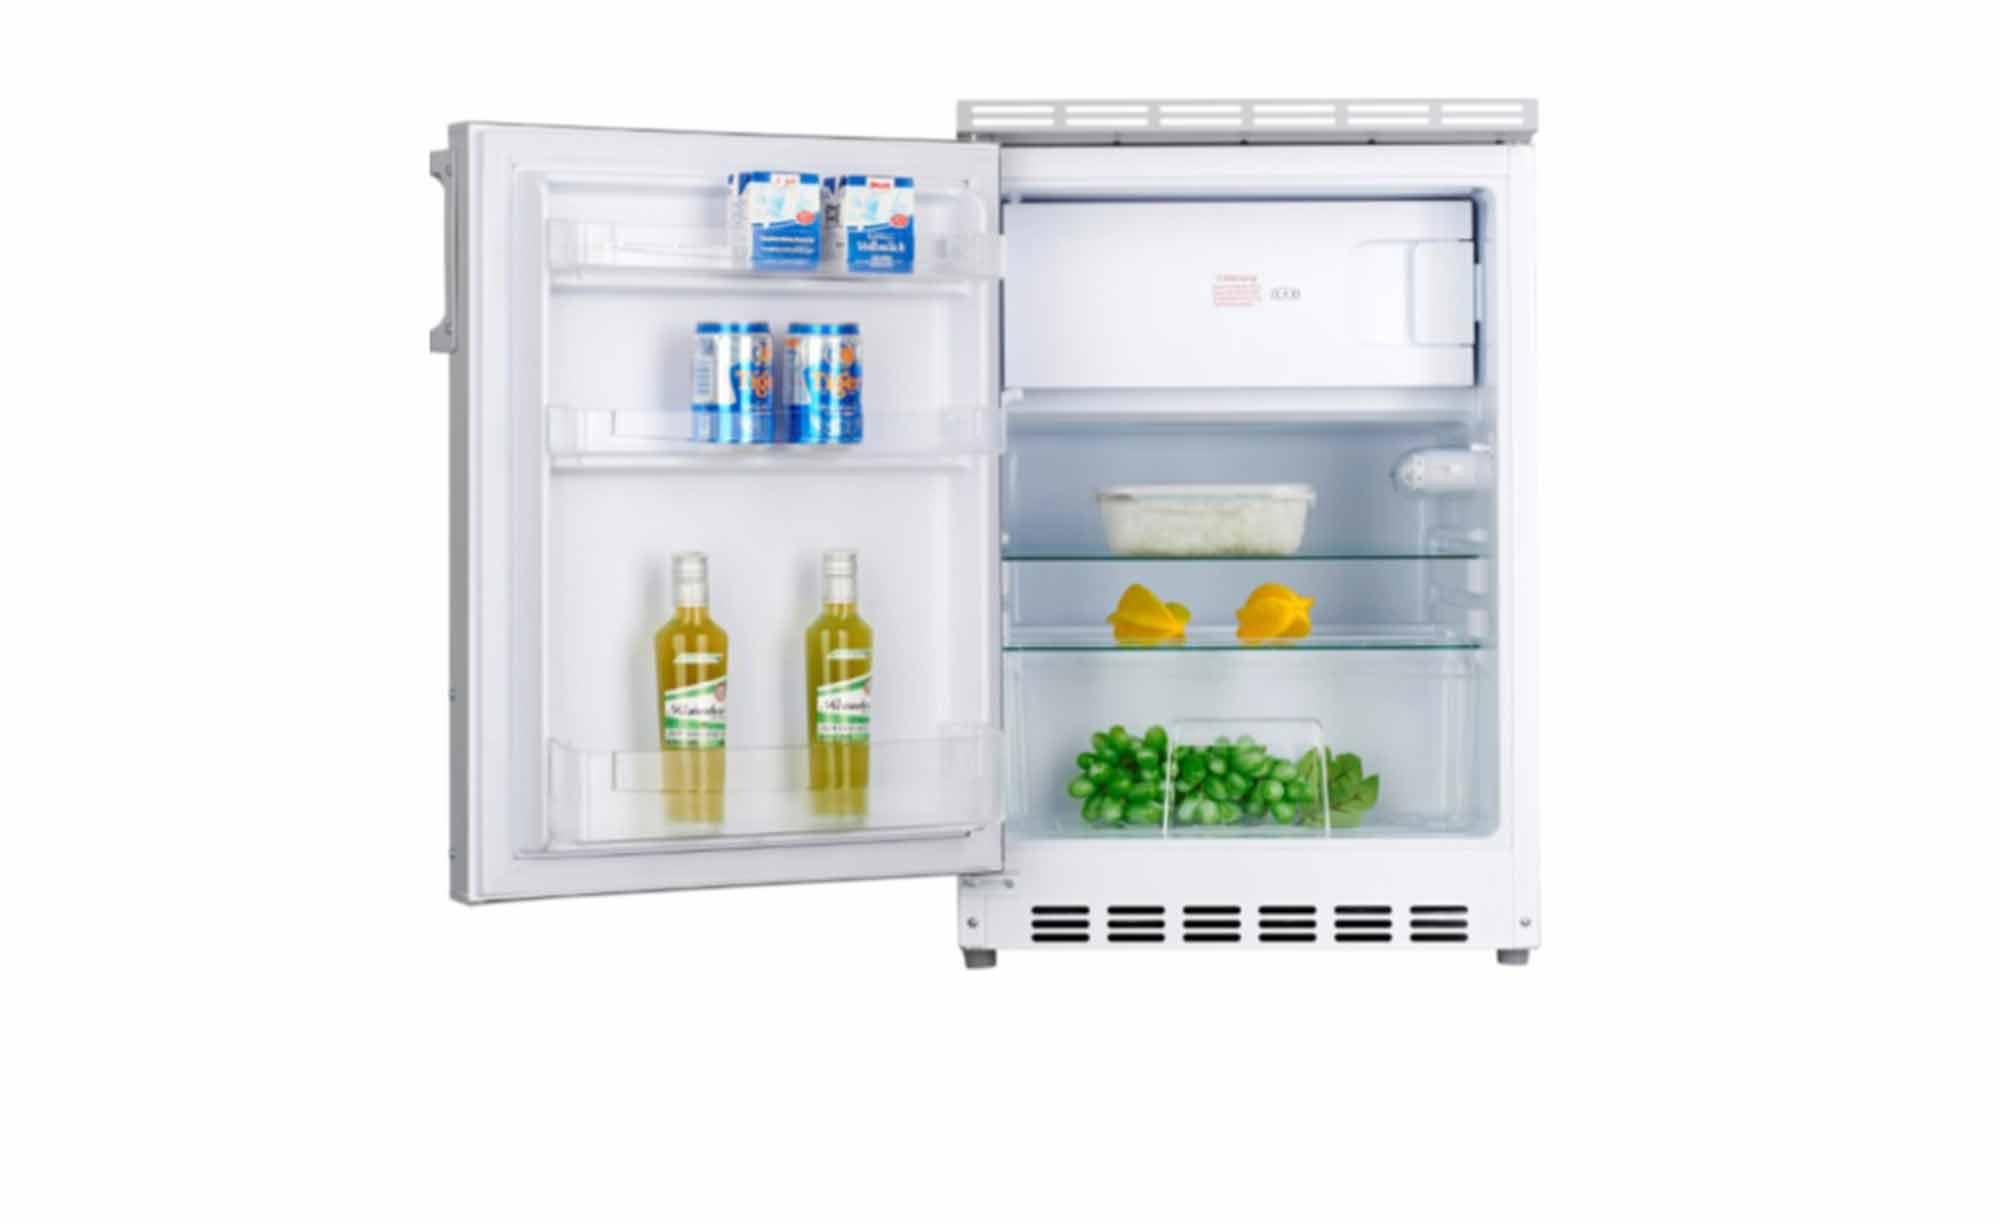 Full Size of Singleküche Mit Kühlschrank Günstig Singleküche Mit Kühlschrank Roller Singleküche 150 Kühlschrank Singleküche Mit Kühlschrank Und Geschirrspüler Küche Singleküche Mit Kühlschrank